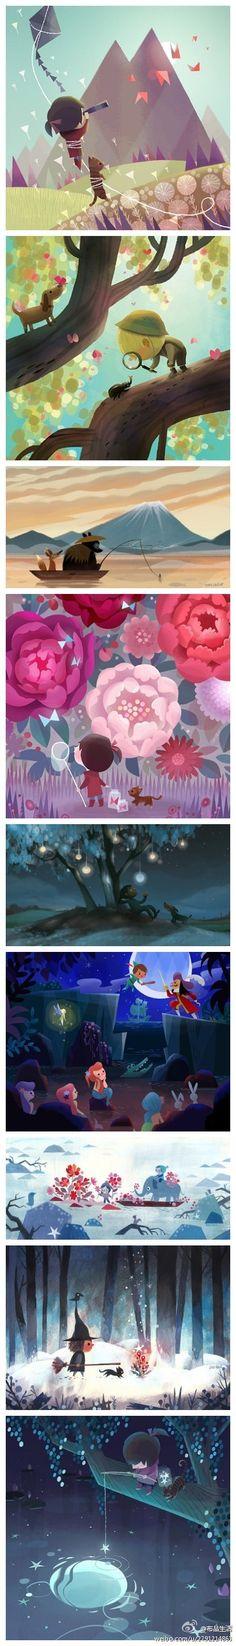 Joey Chou,台湾插画师,15岁时与父母迁往美国,现在在索尼动画工作,此前7年里曾在Nickelodeon、迪斯尼工作,除了动画设计之外,他还从事插画设计,如儿童书、贺卡等,他的插画作品里主角大部分是可爱的动物、儿童与小孩,画面温馨有趣。